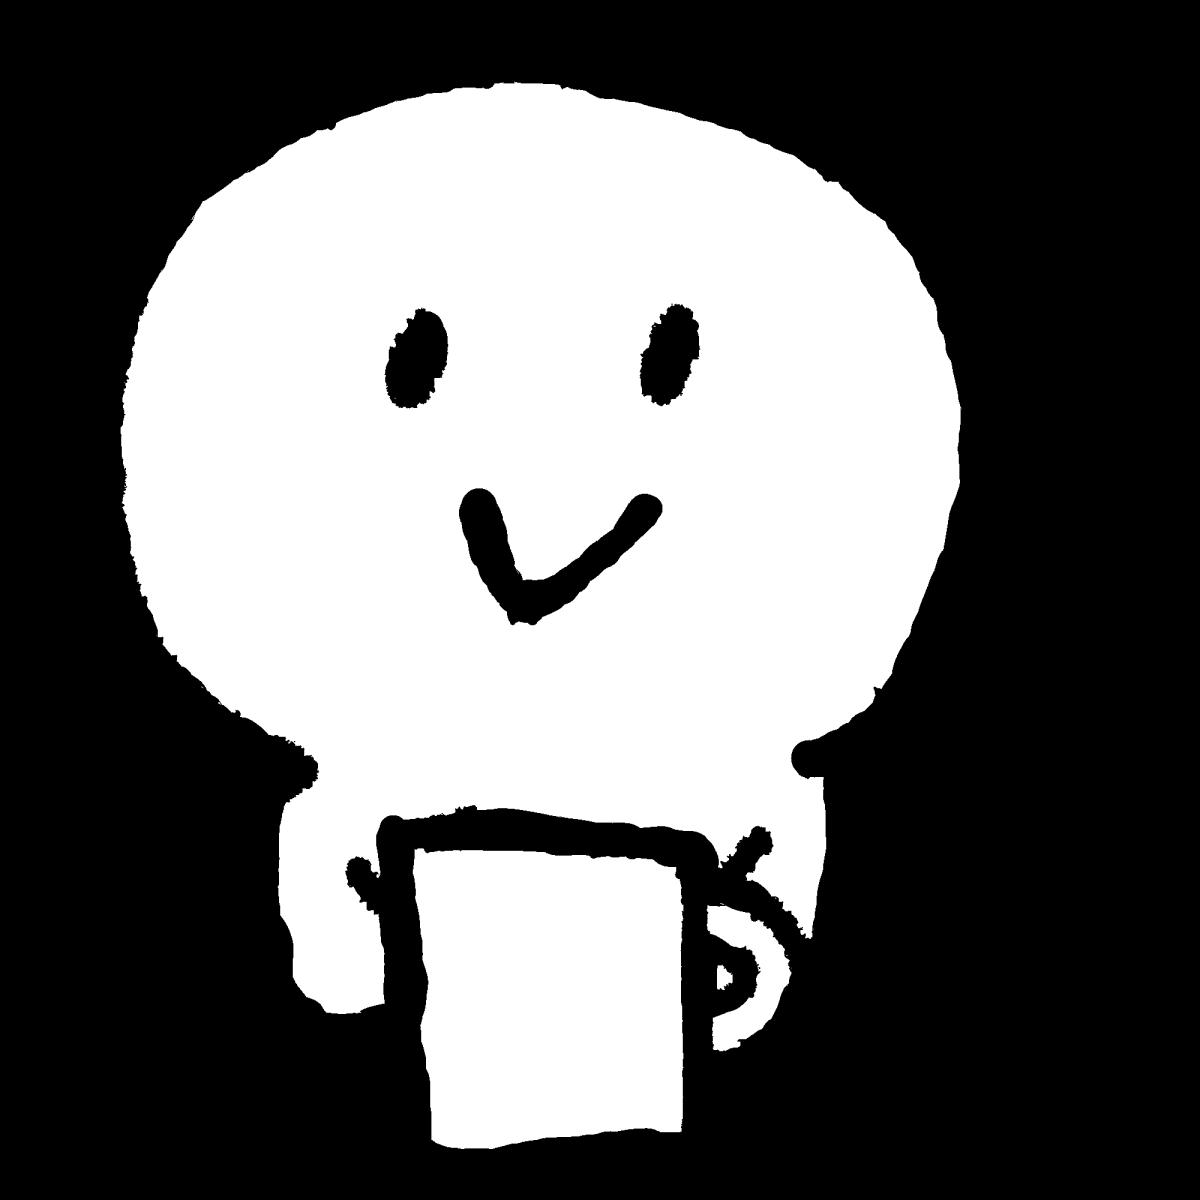 コップを持つのイラスト / Have a cup Illustration